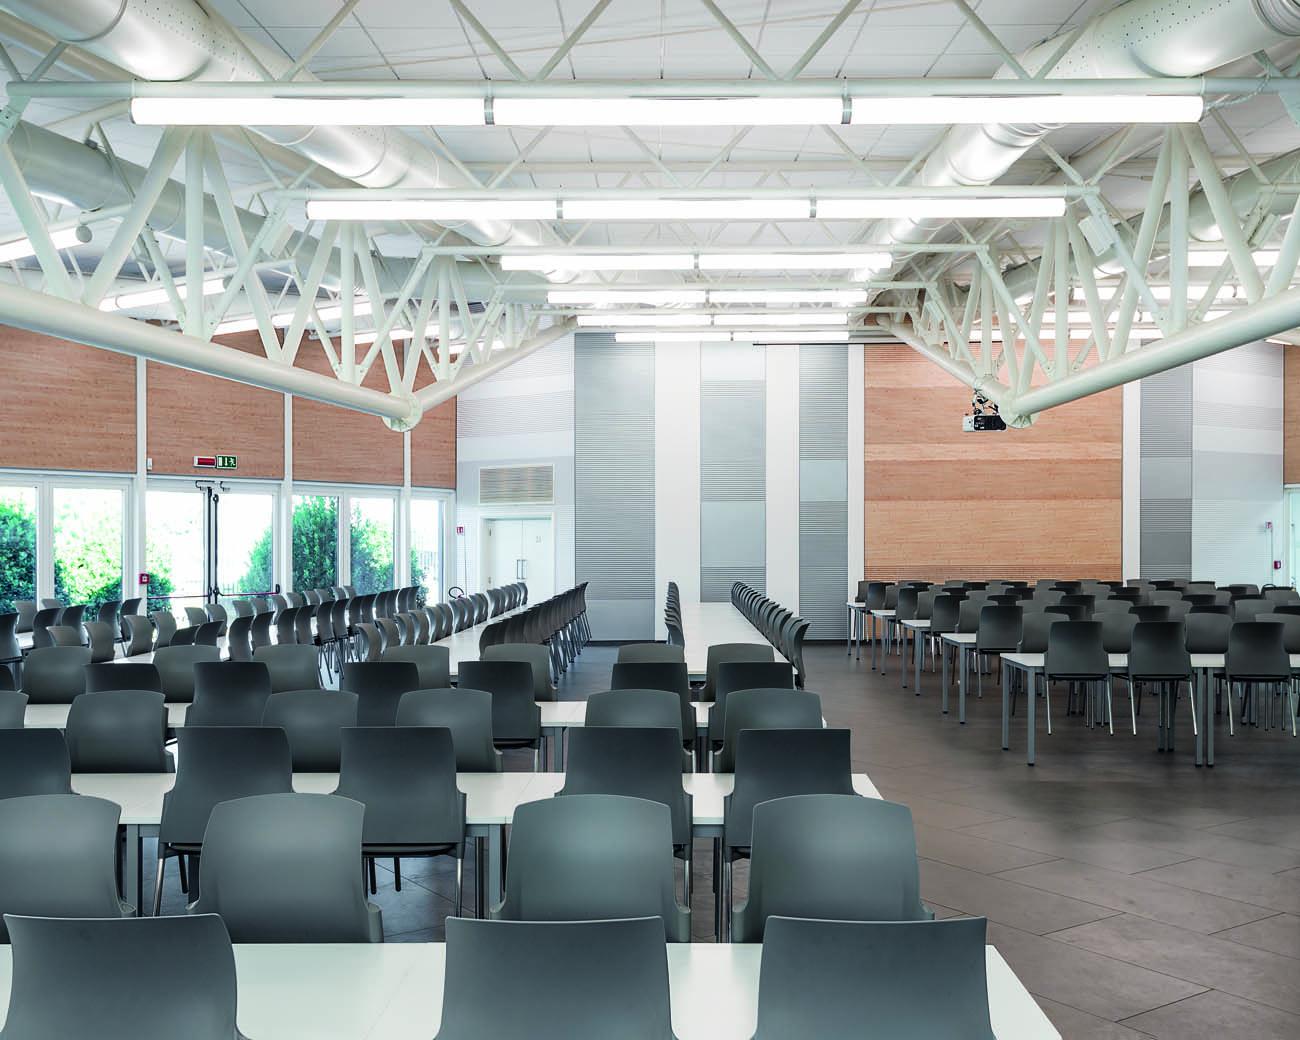 mensa cefla imola_studio tb progettazione architettonica (7)